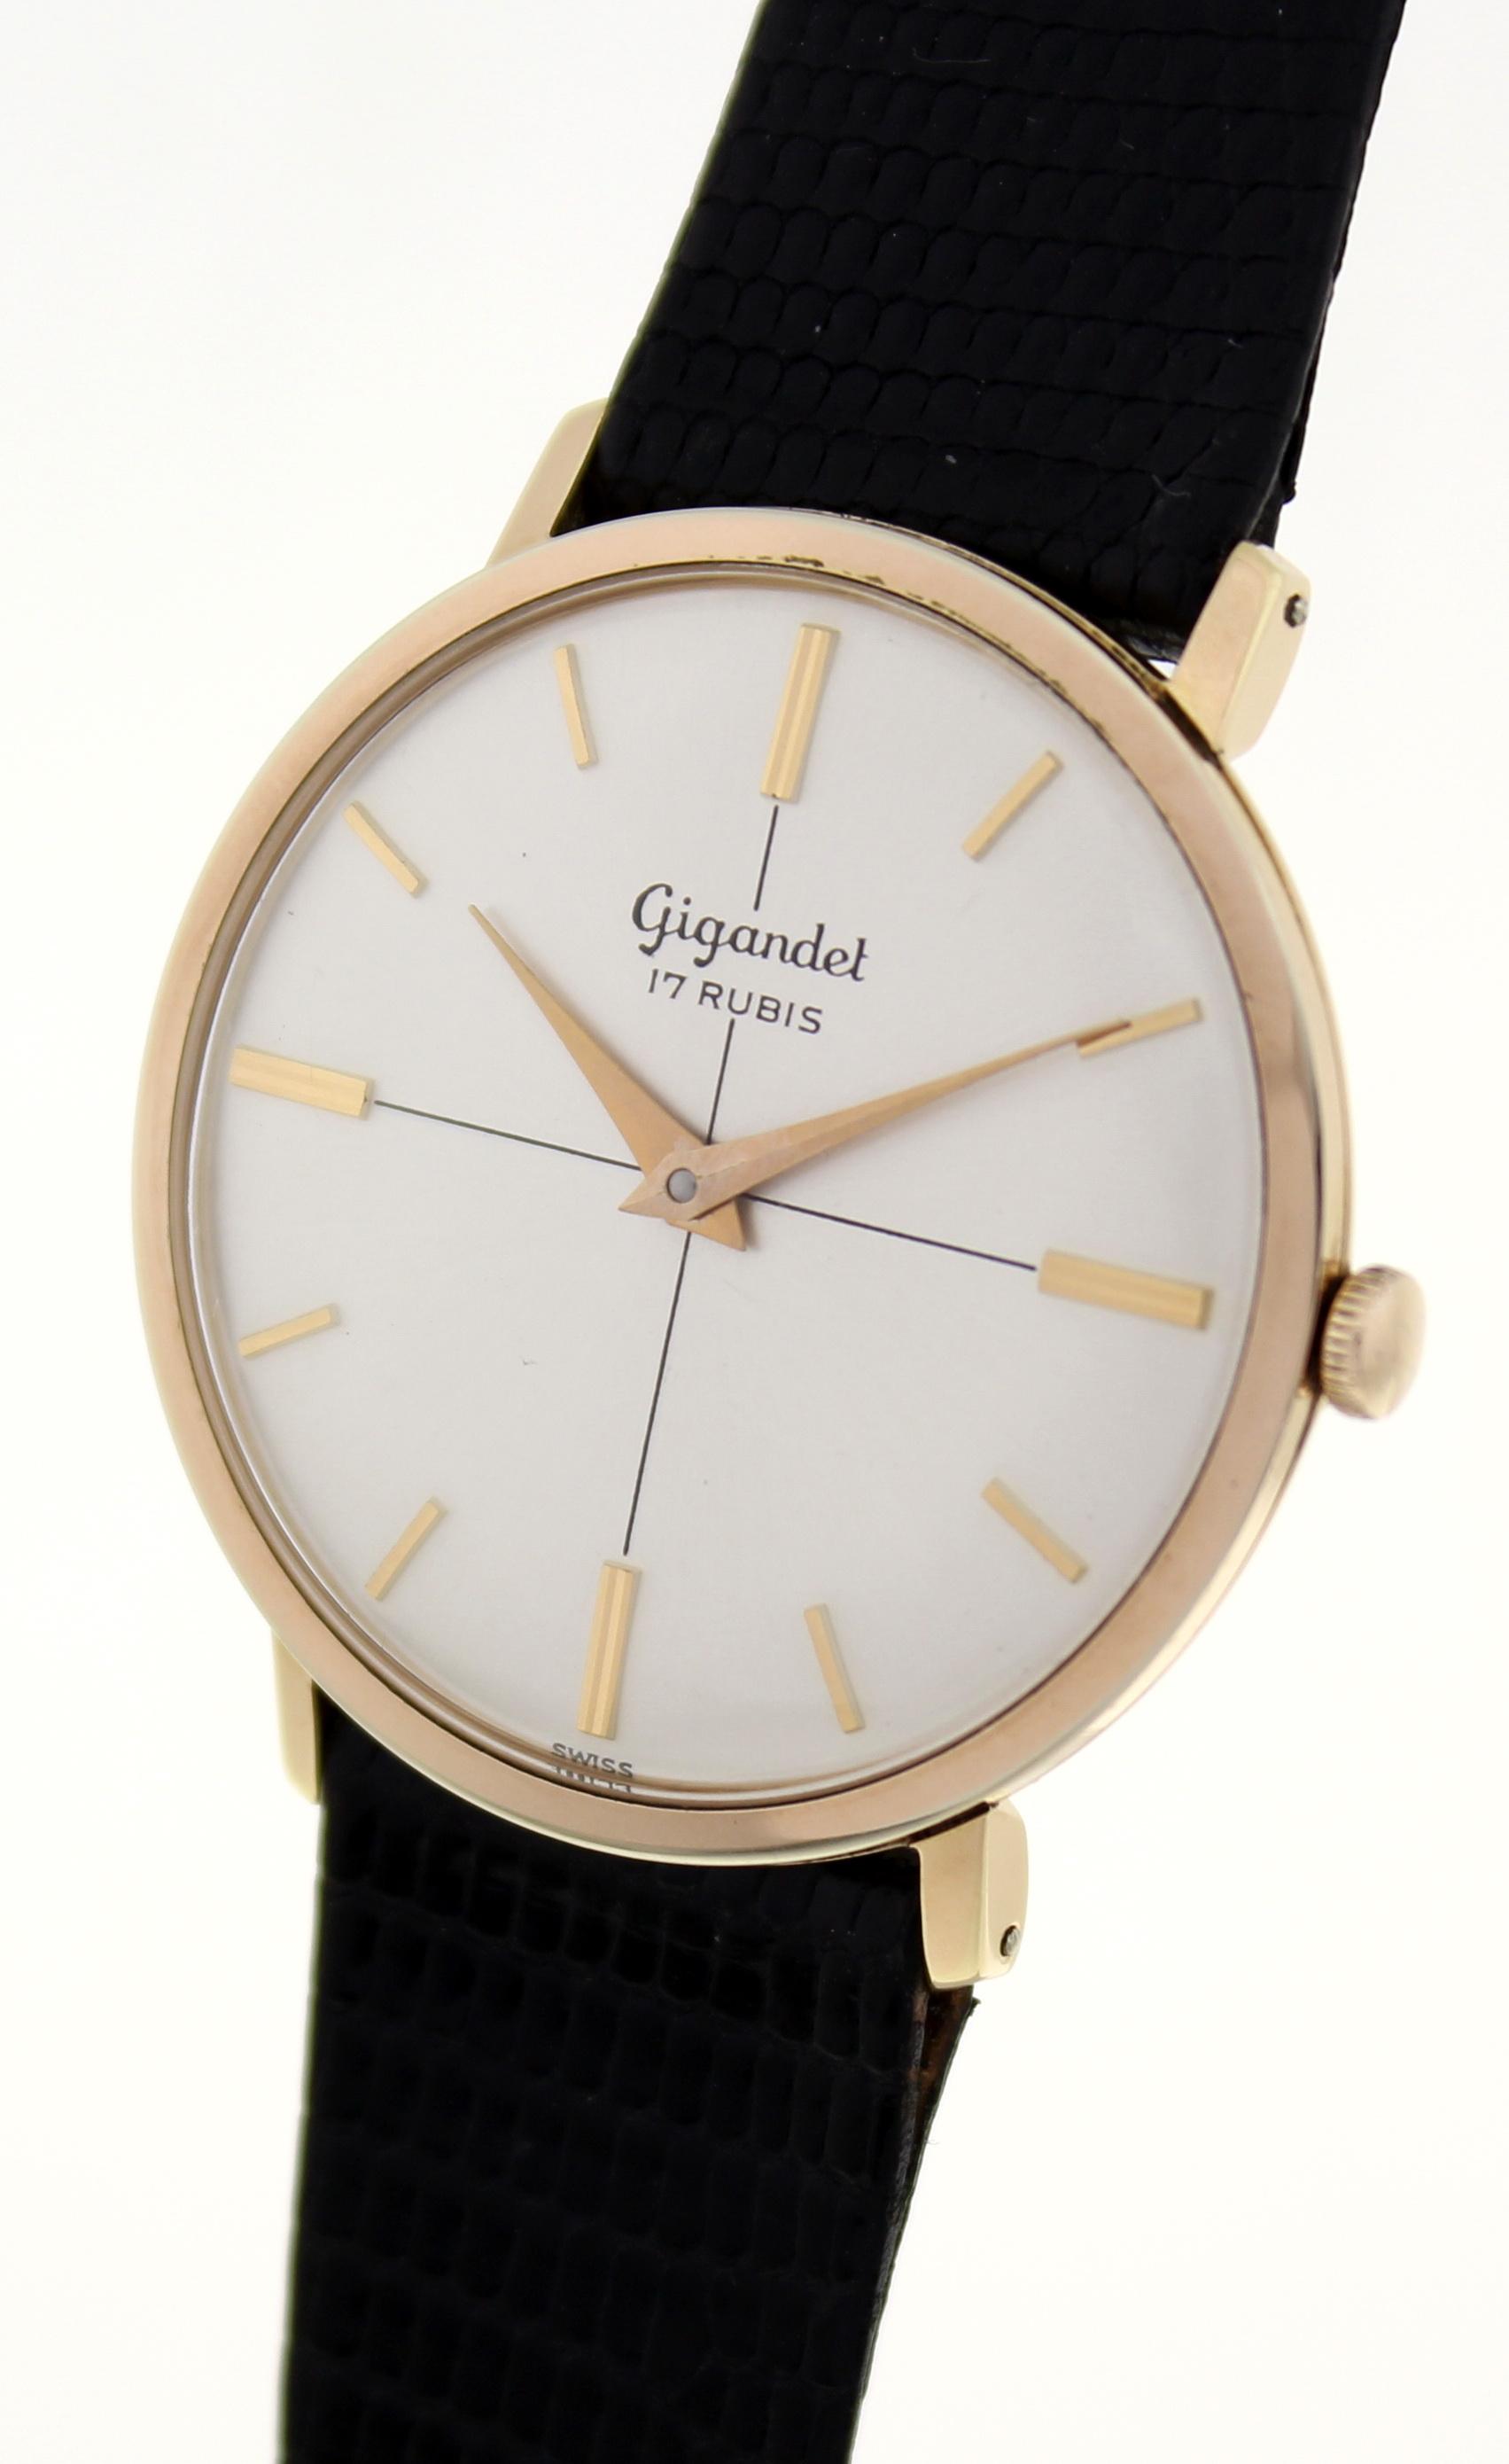 Gigandet doubl herren armbanduhr aus den 30 40er jahren for Mobel aus den 40er jahren